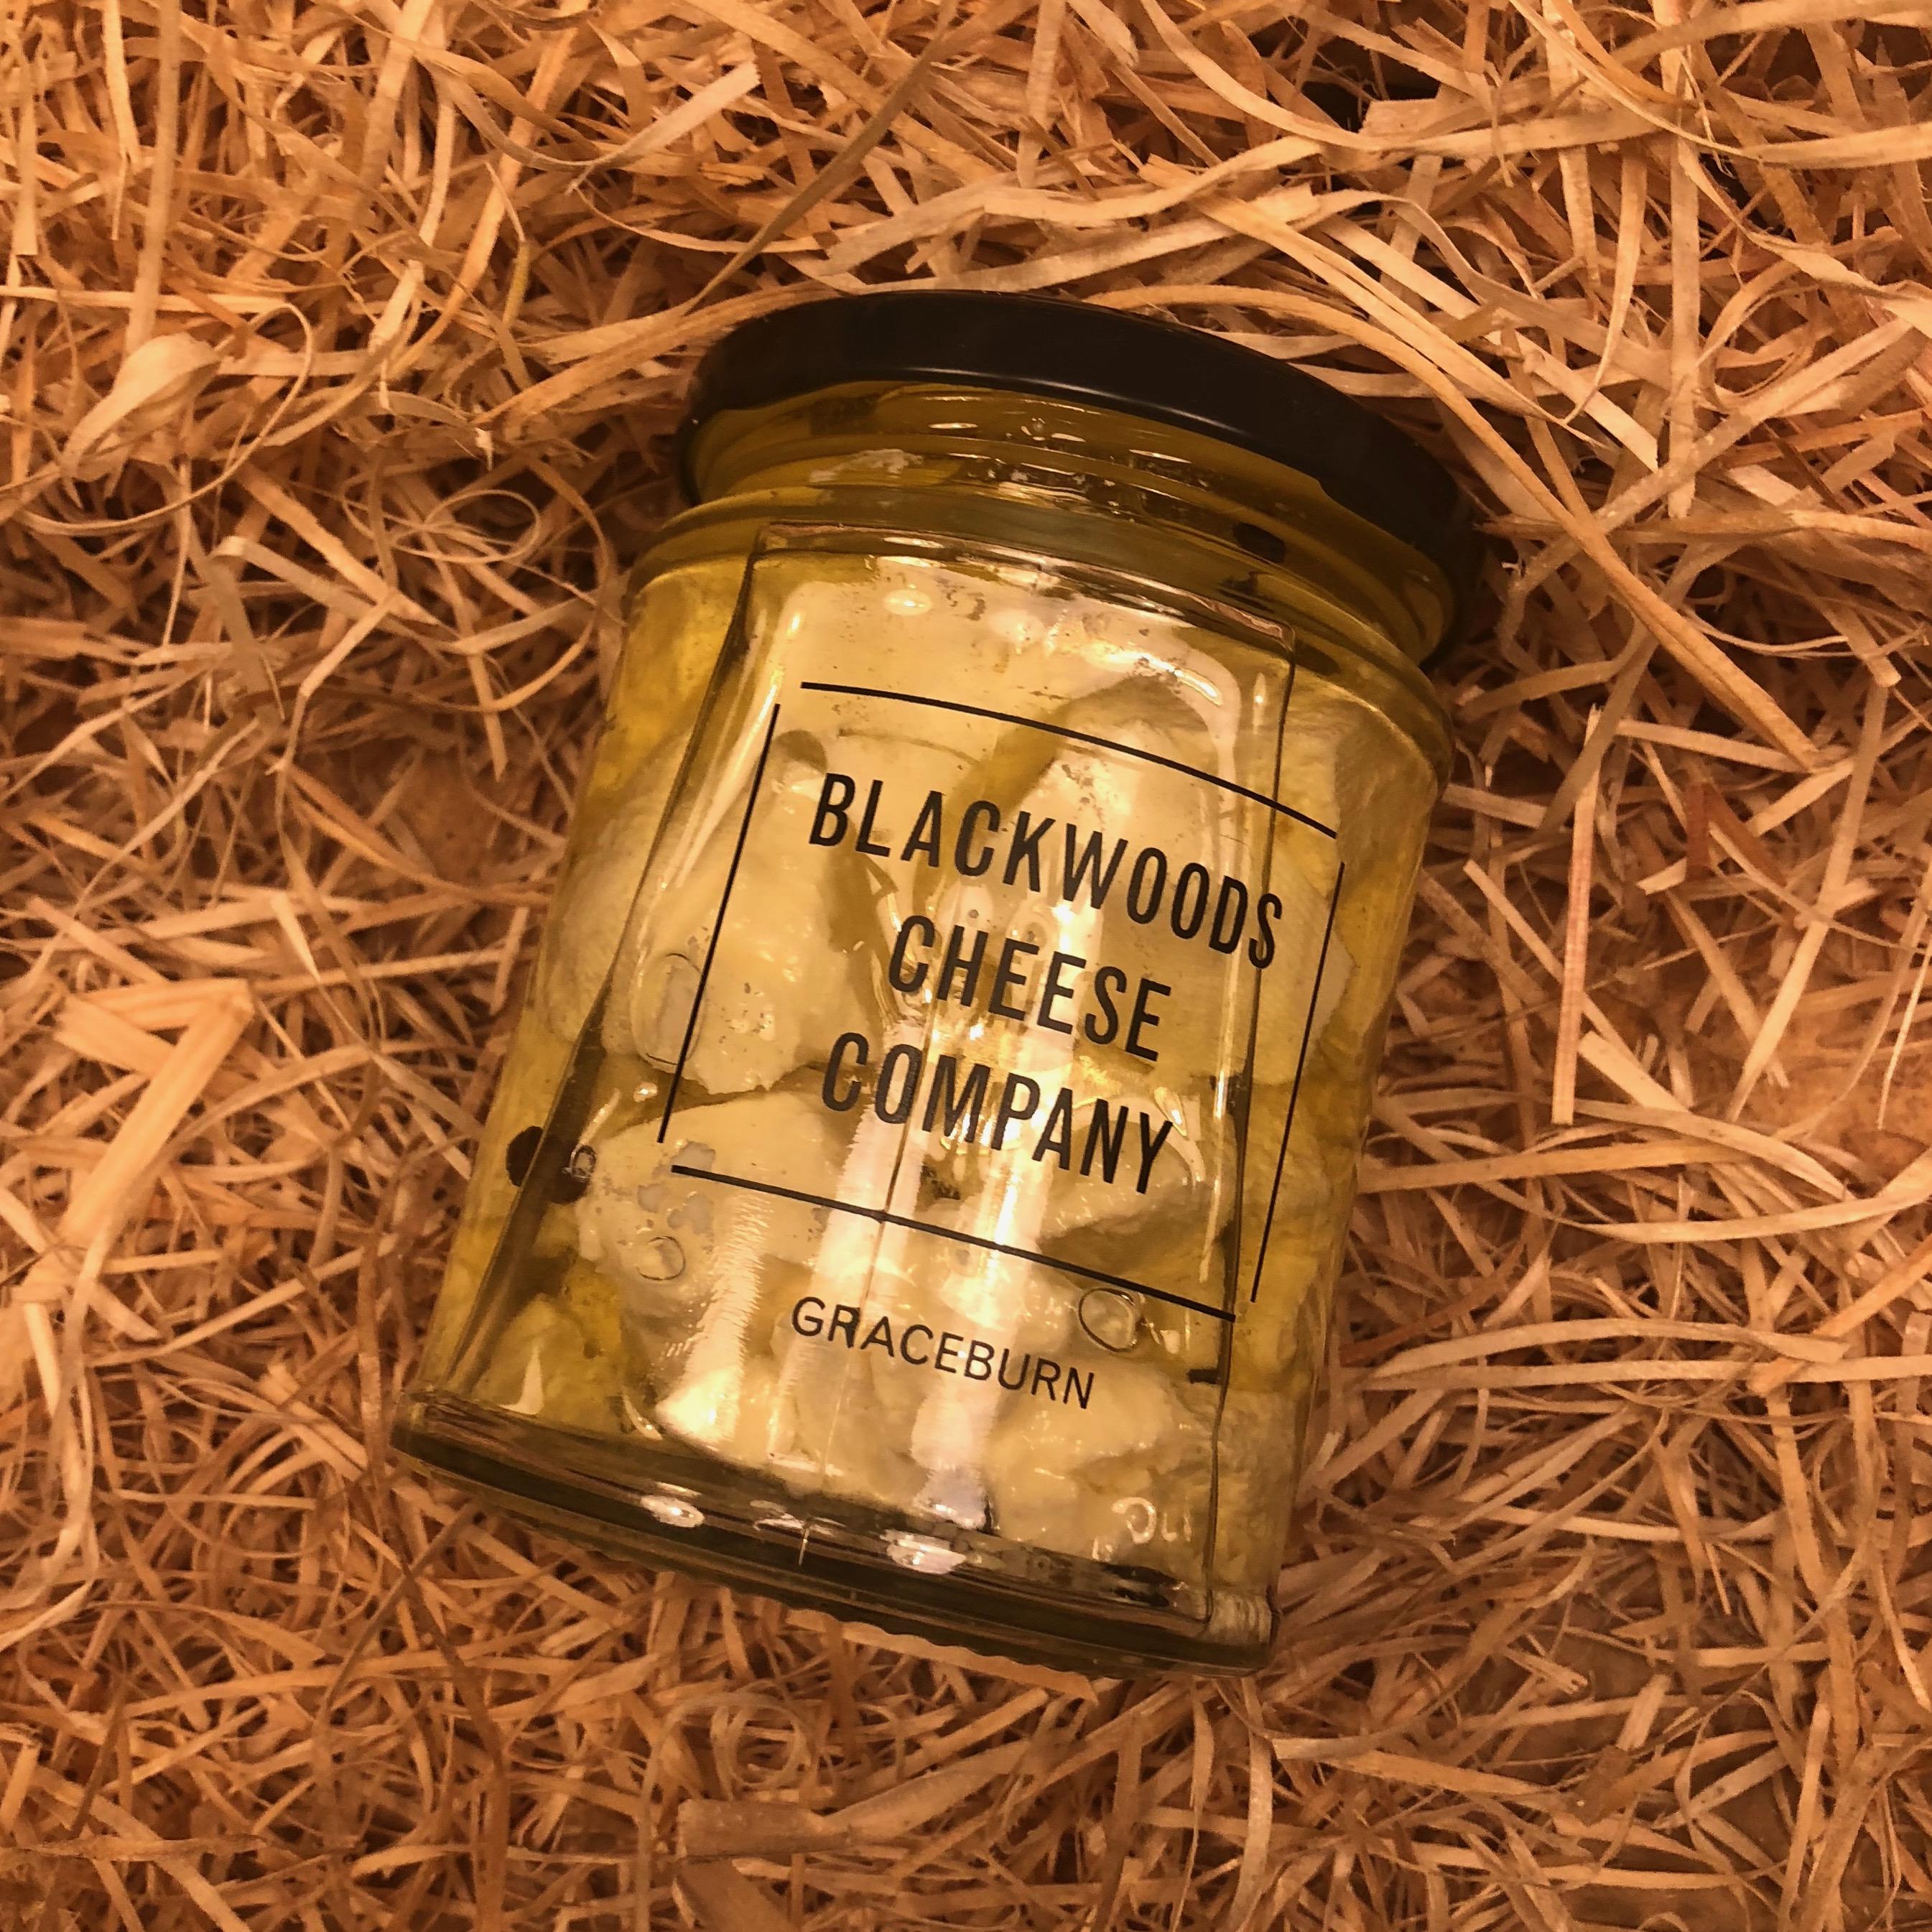 Graceburn, Blackwoods Cheese Co